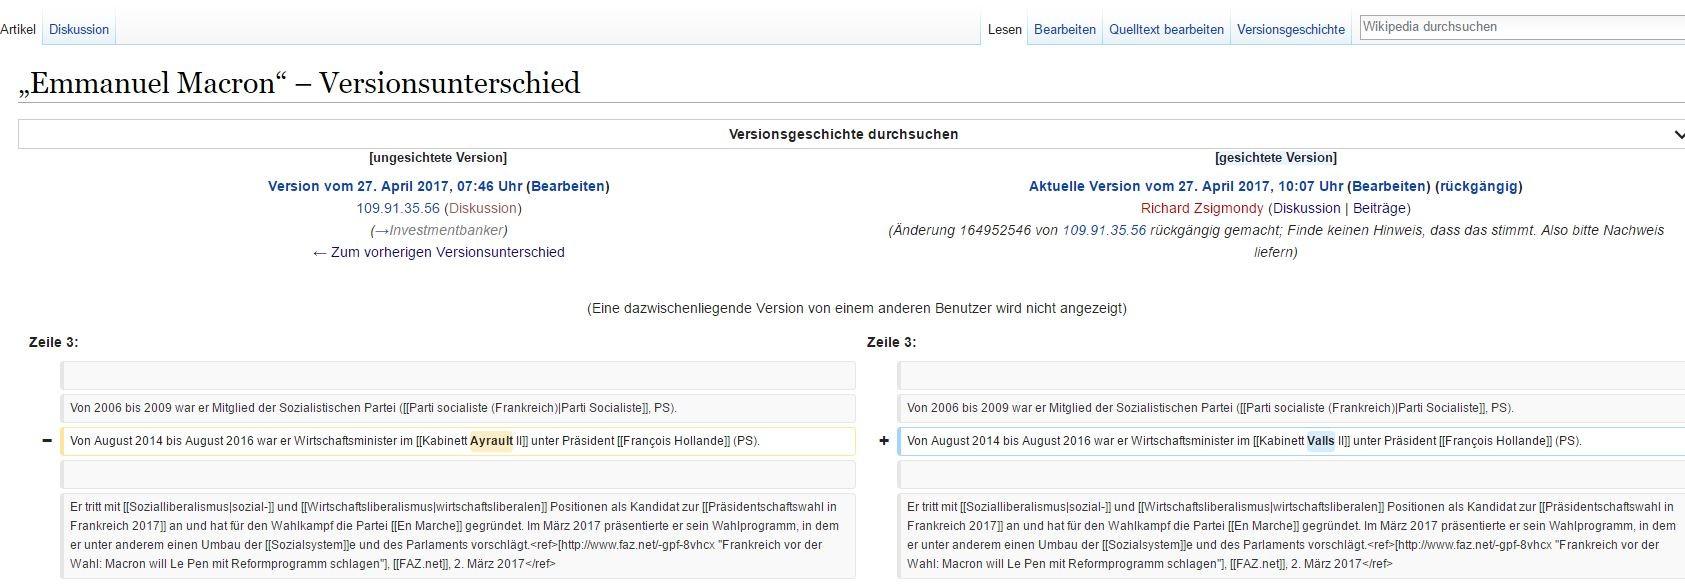 Deutscher Wikipedia-Eintrag zu Emmanuel Macron wirft Fragen auf